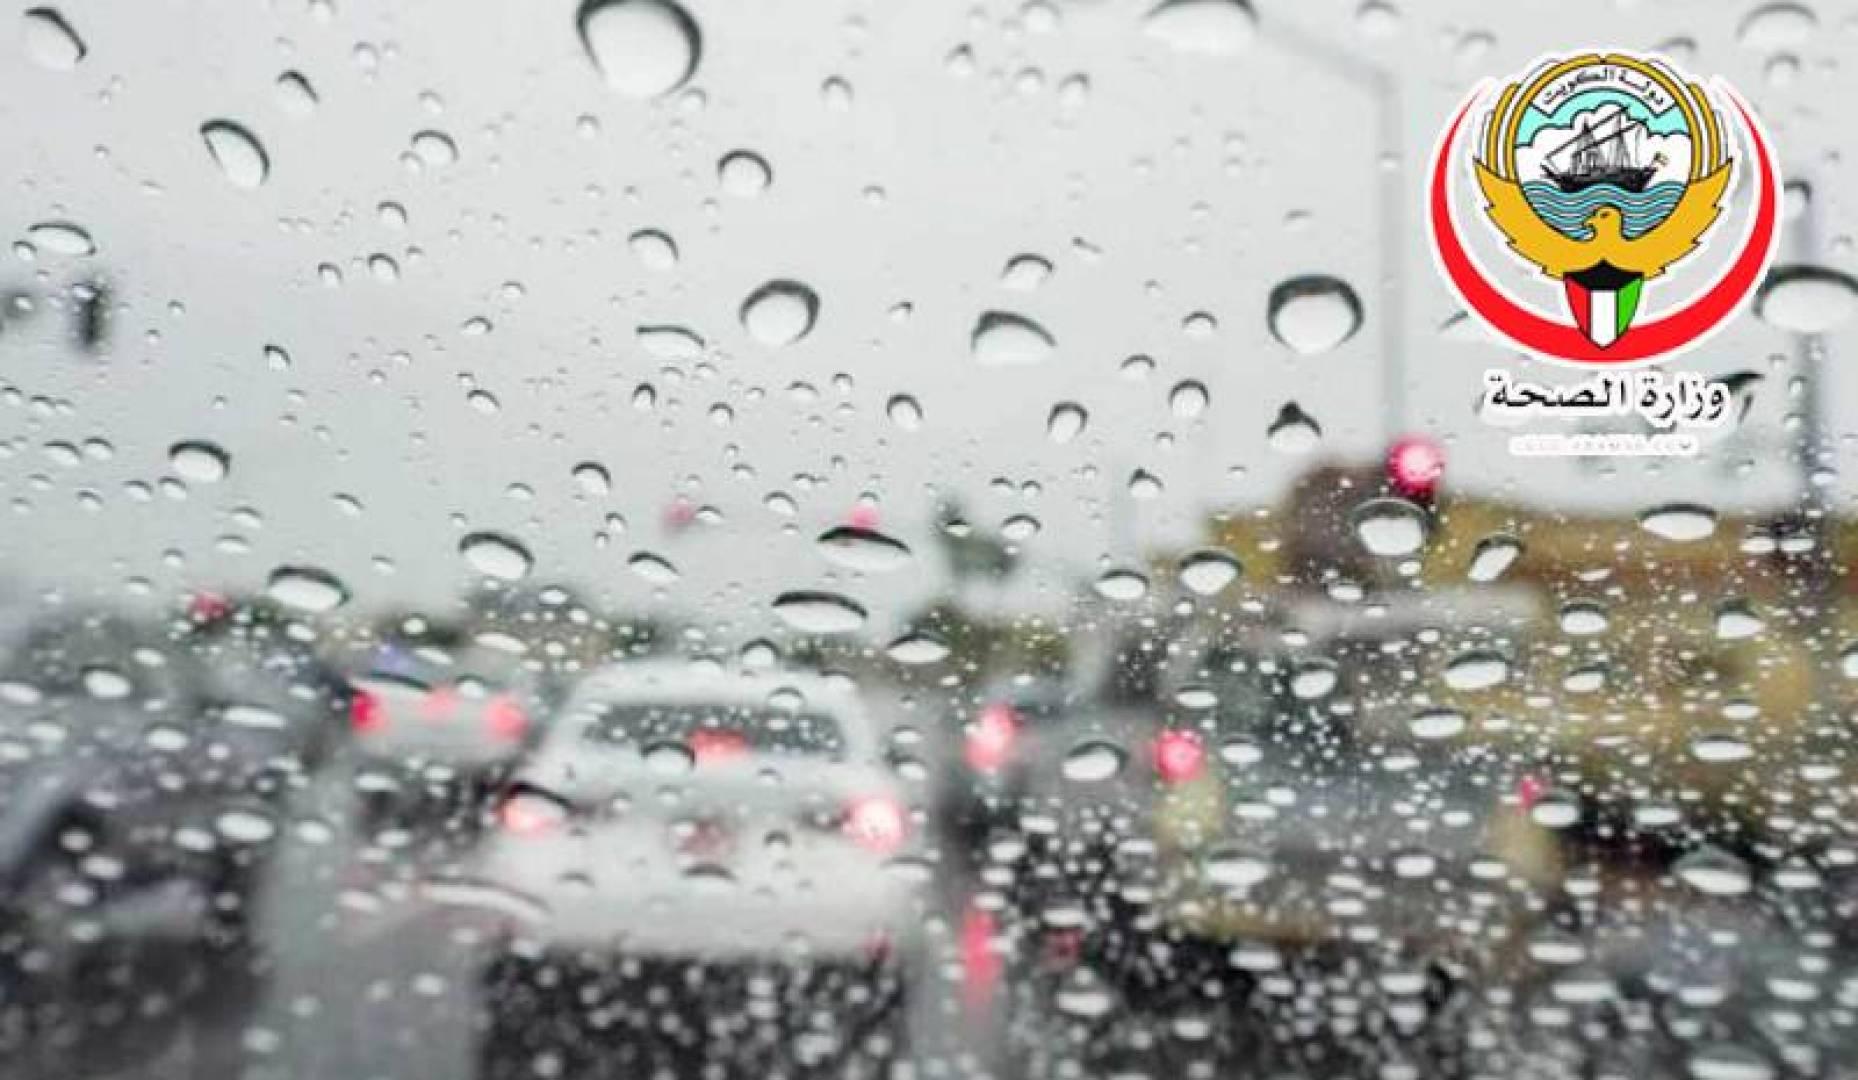 وزارة الصحة تطلق مجموعة إرشادات للمواطنين والمقيمين أثناء موسم الأمطار